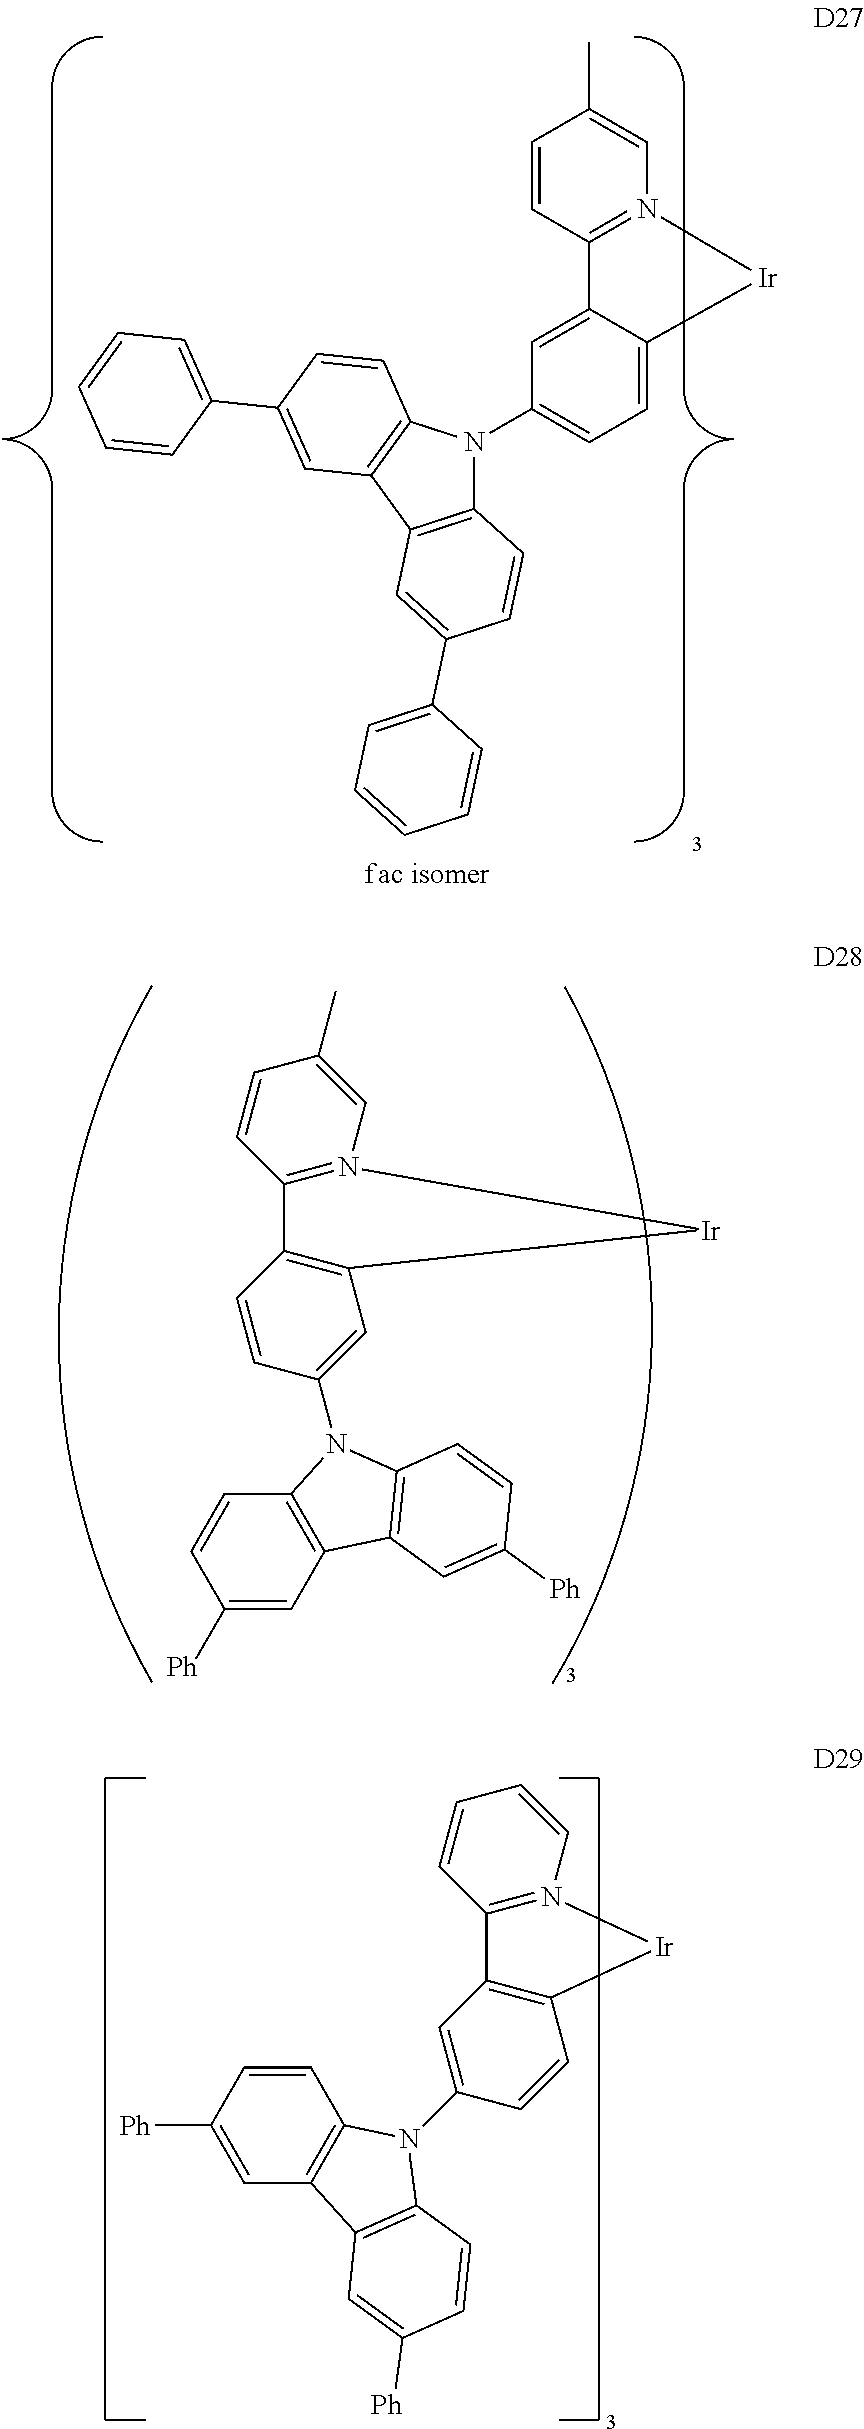 Figure US09496506-20161115-C00015